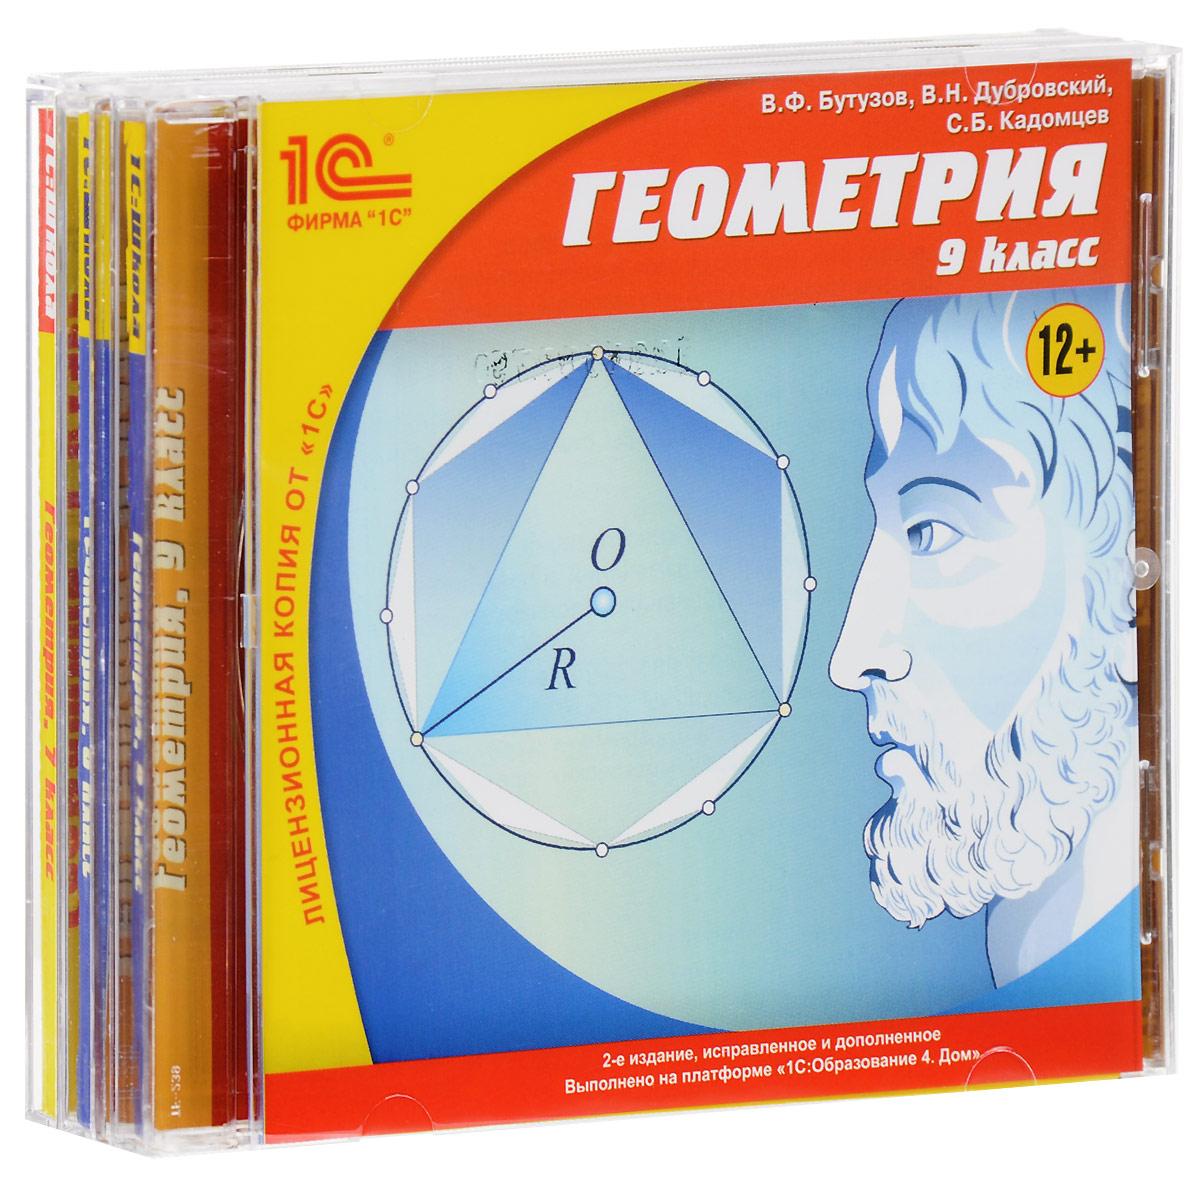 1С:Школа. Комплект Геометрия 7-9 классы